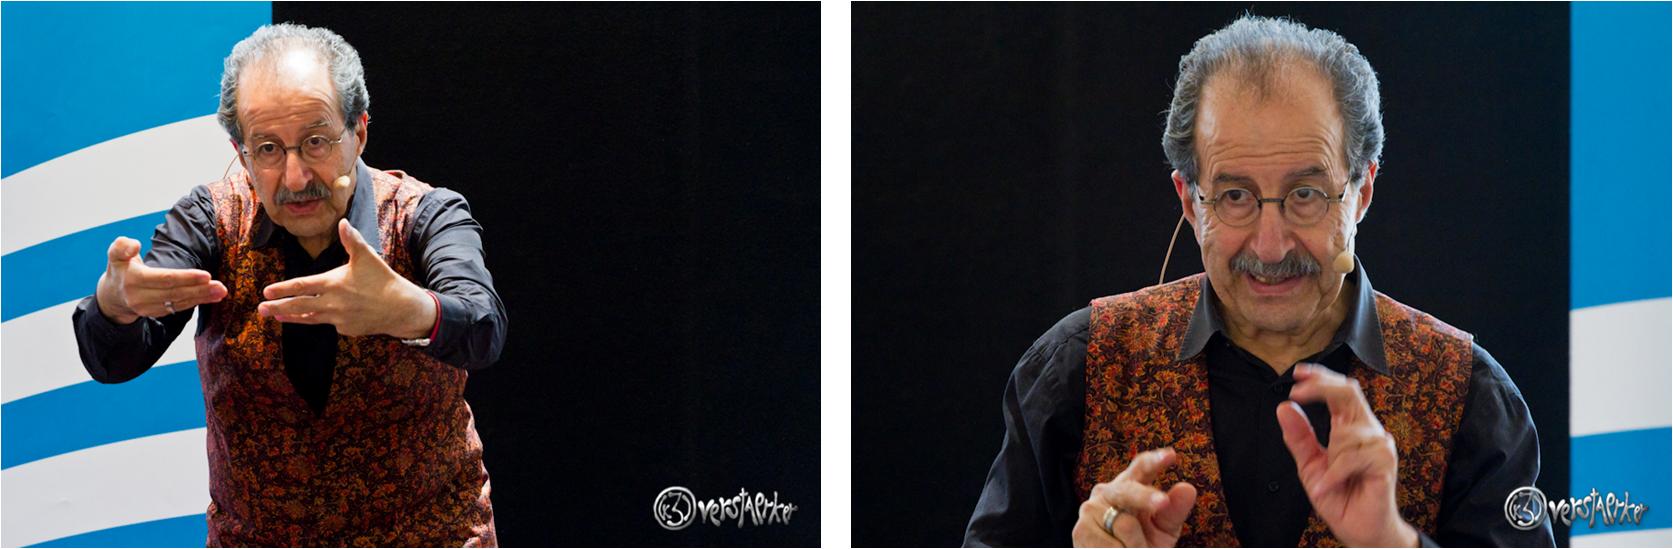 Ein großer Erzähler unserer Zeit: Rafik Schami. Fotos: Anders Balari